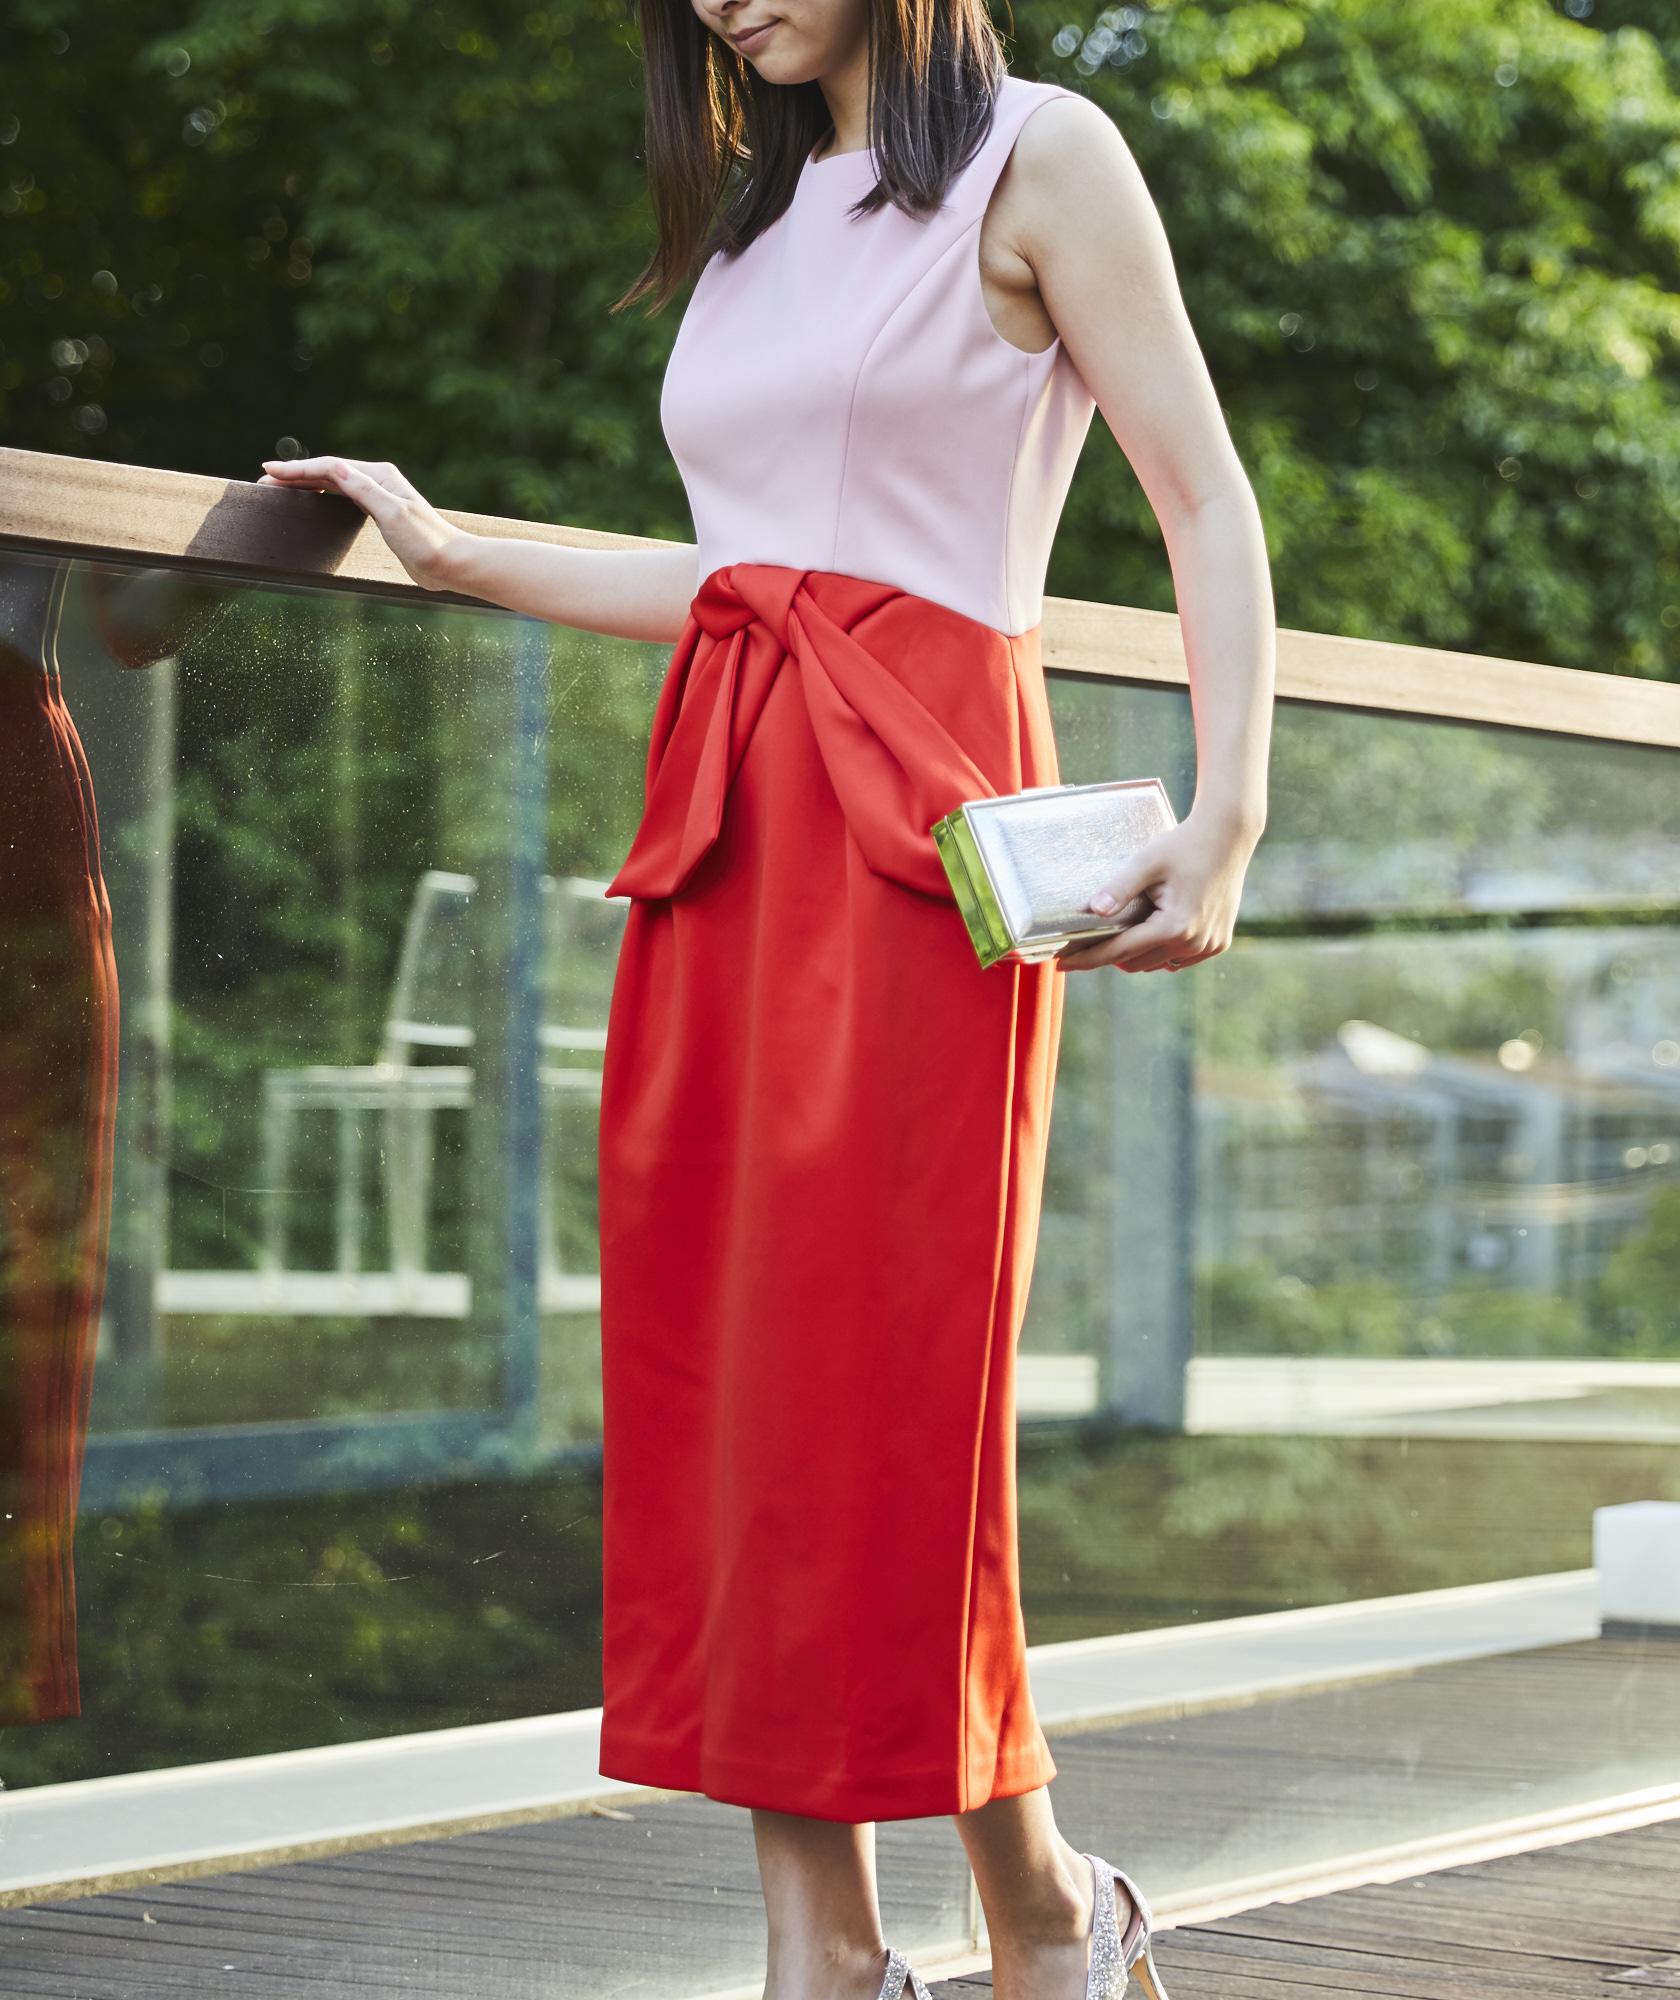 チューリップシルエットバイカラーミディアムドレス―ピンク×レッド-M